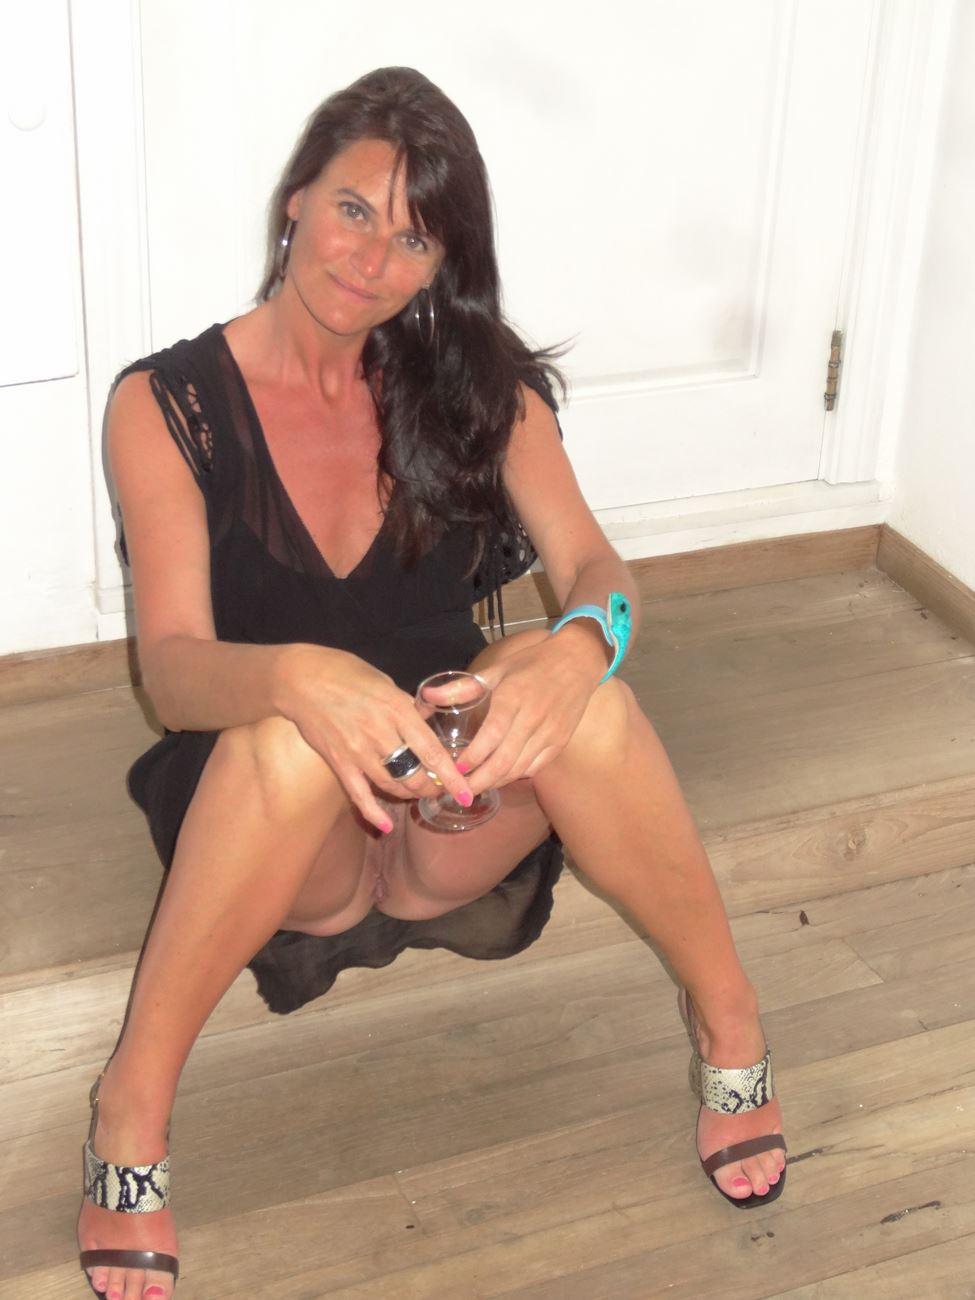 photo porno pour plan cul dans le 59 avec femme mature nue